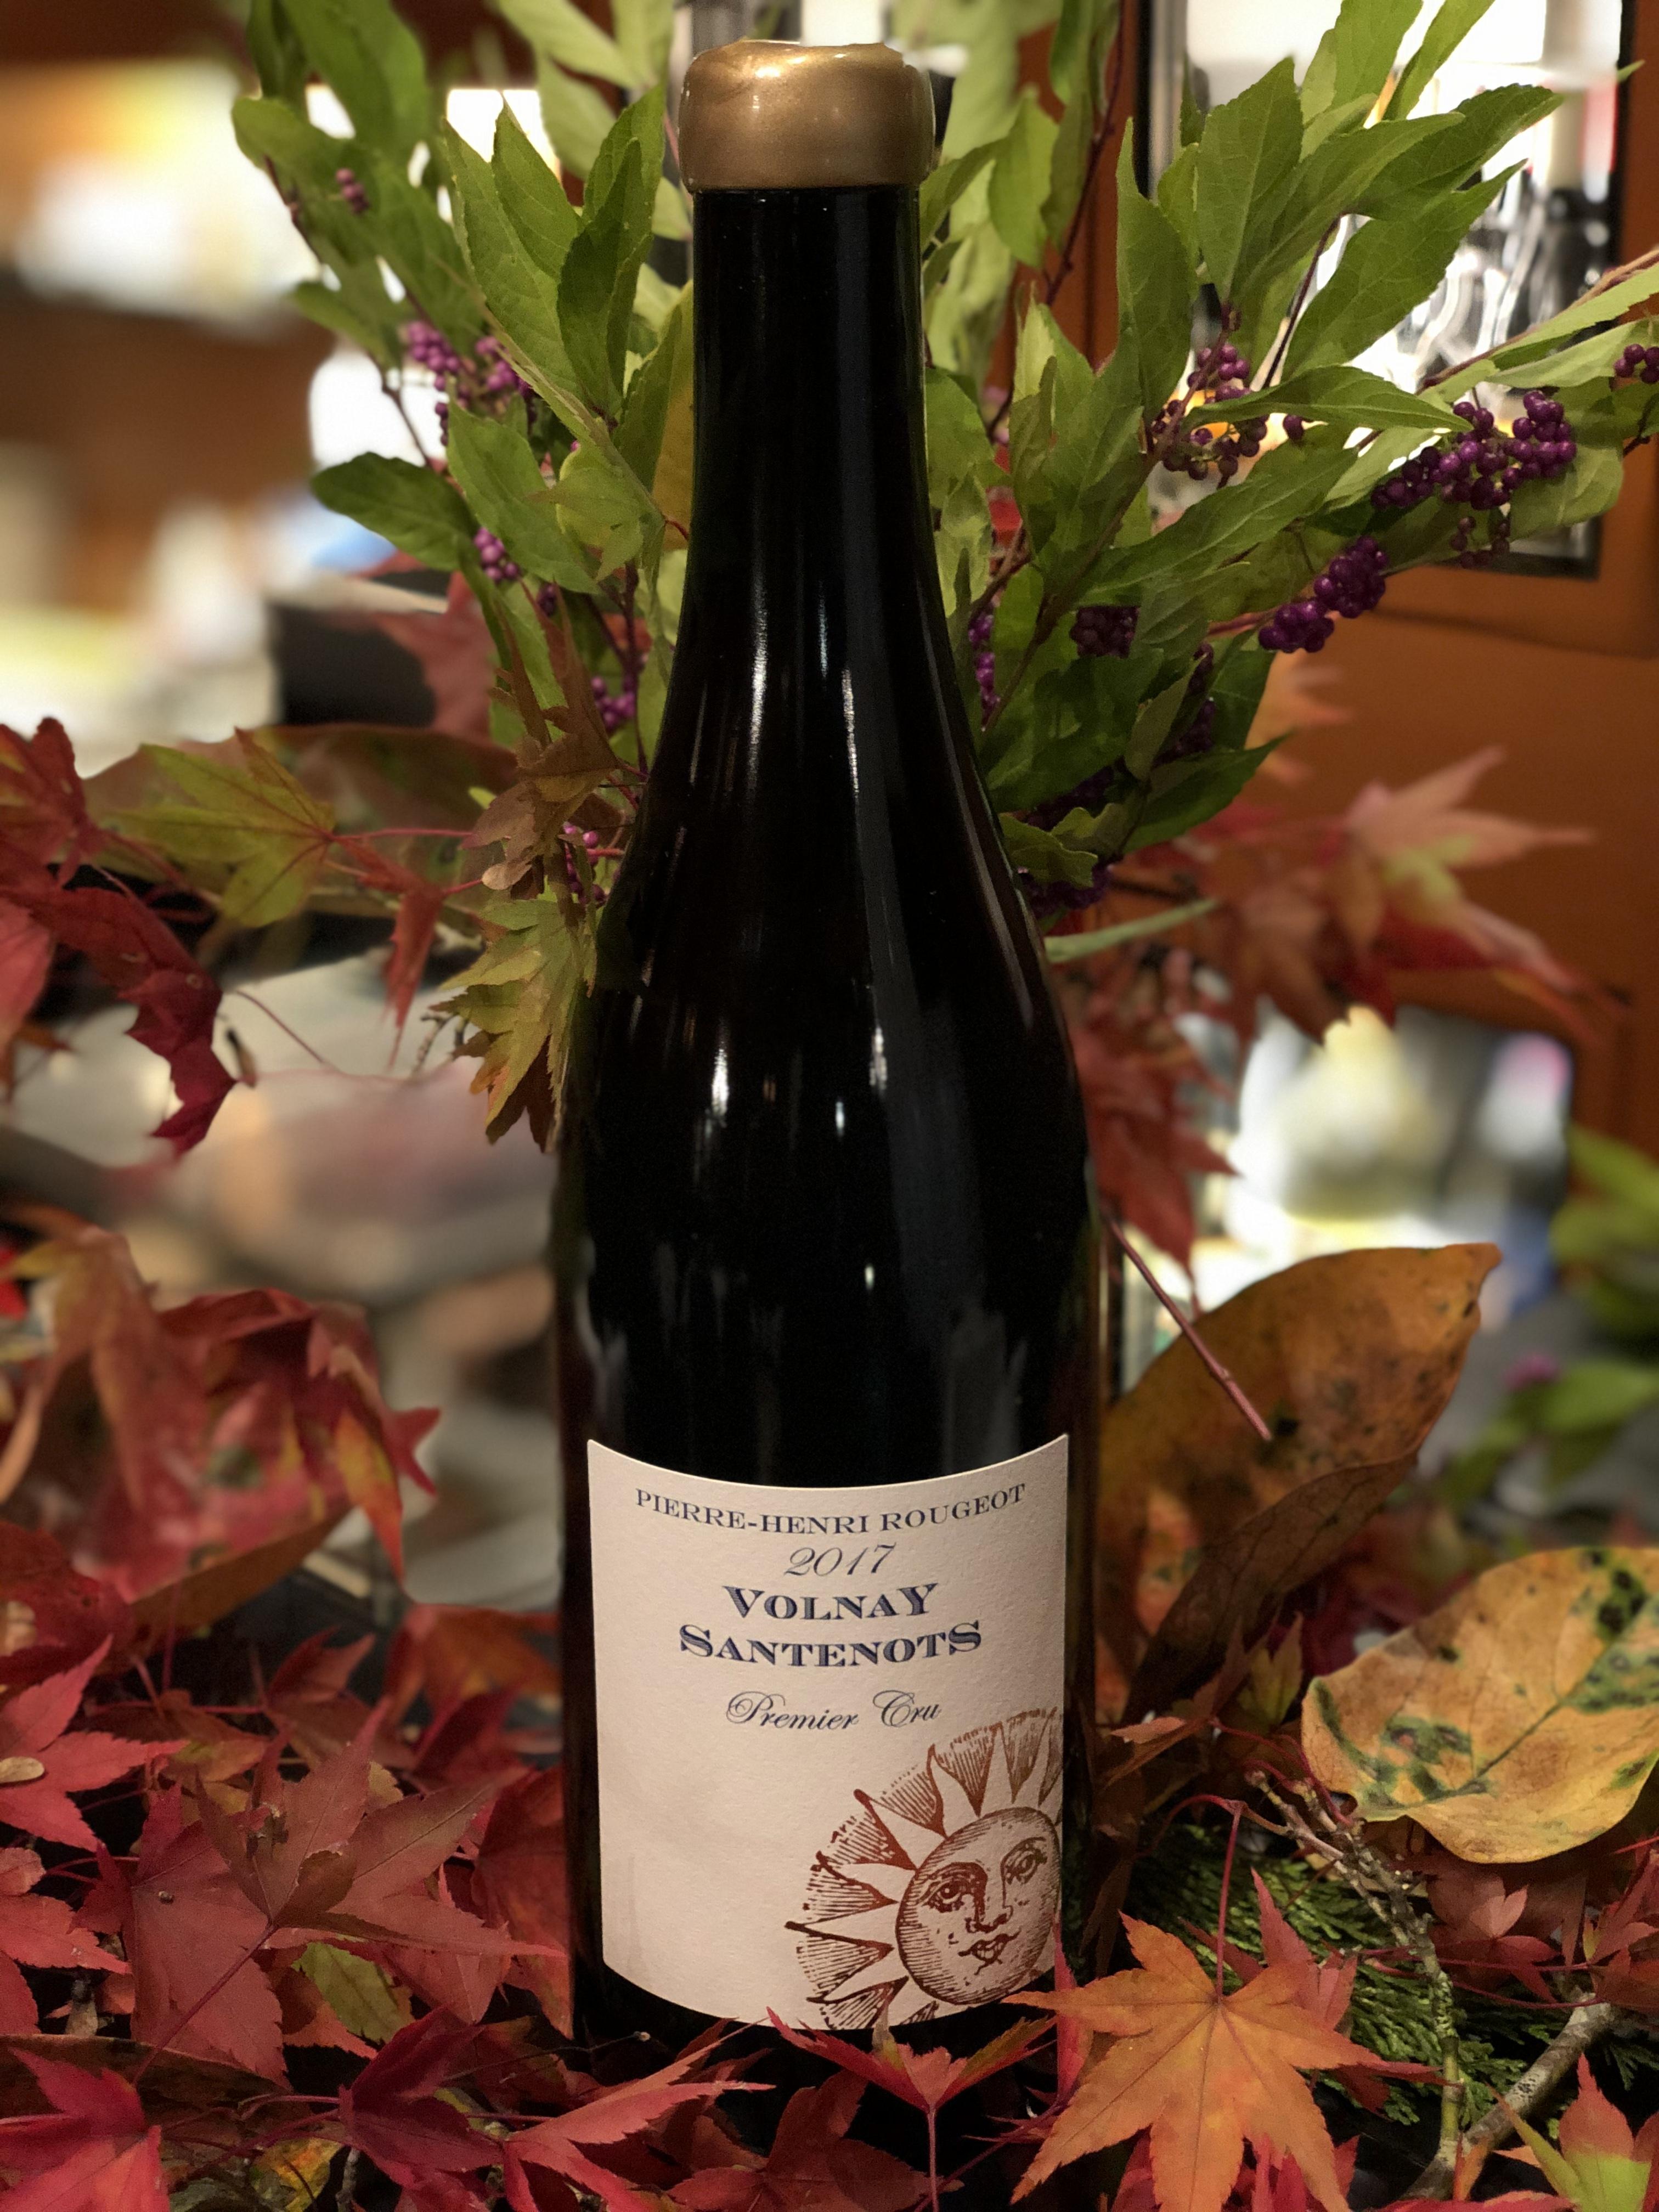 2017年 ヴォルネィ サントノ プルミエクリュ Pierre Henri Rougeot 赤ワイン